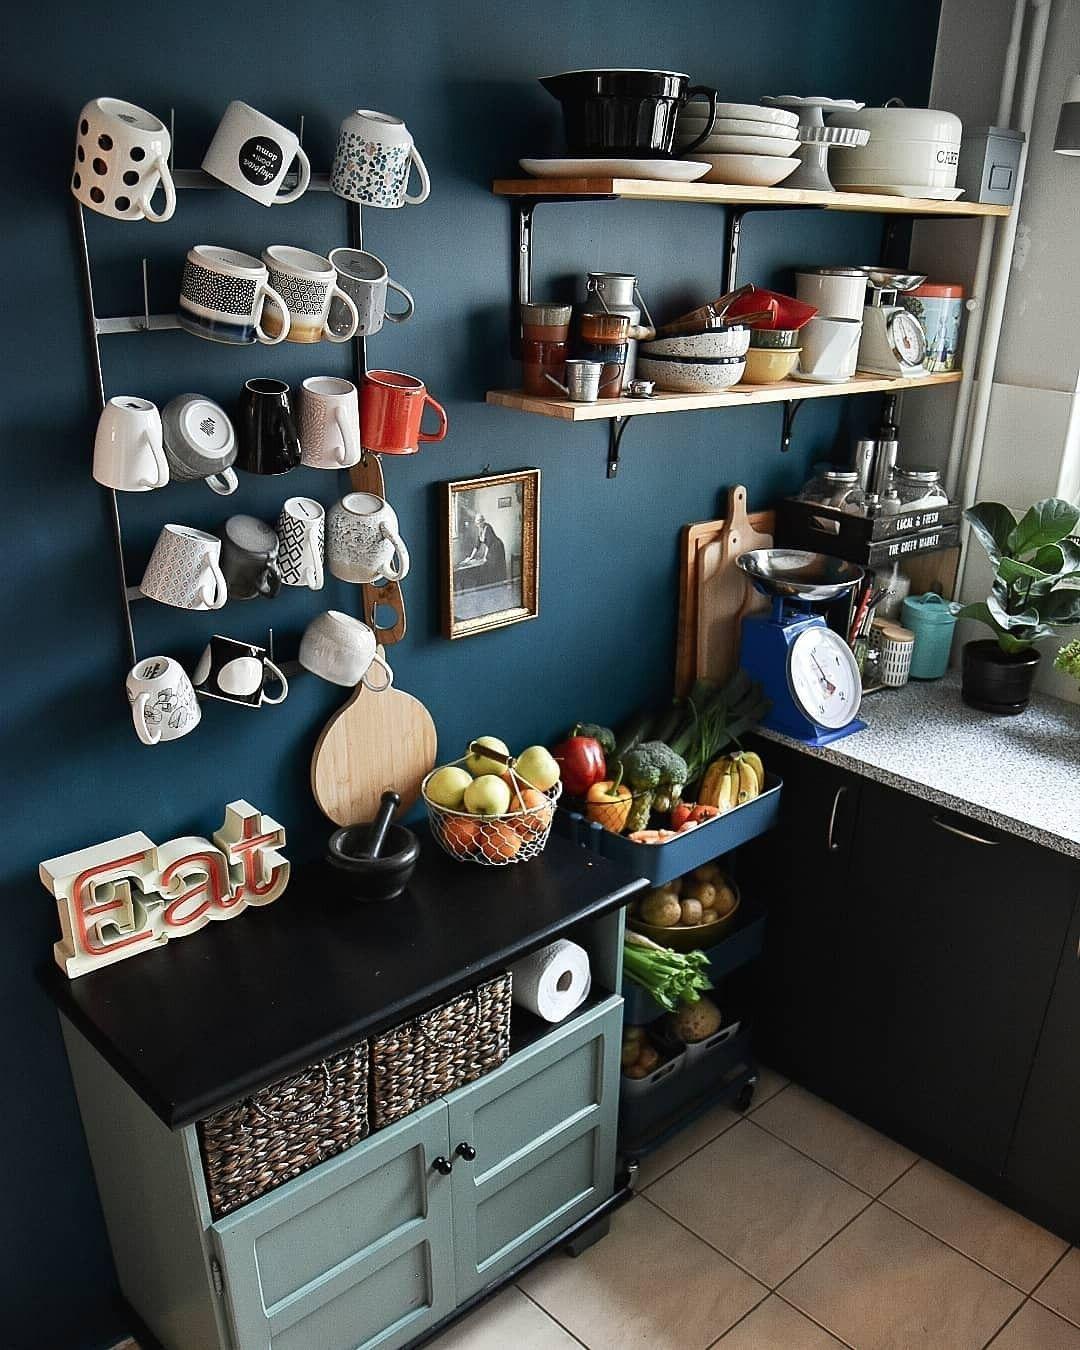 My Kitchen Instagram Photo Instagram Kitchen